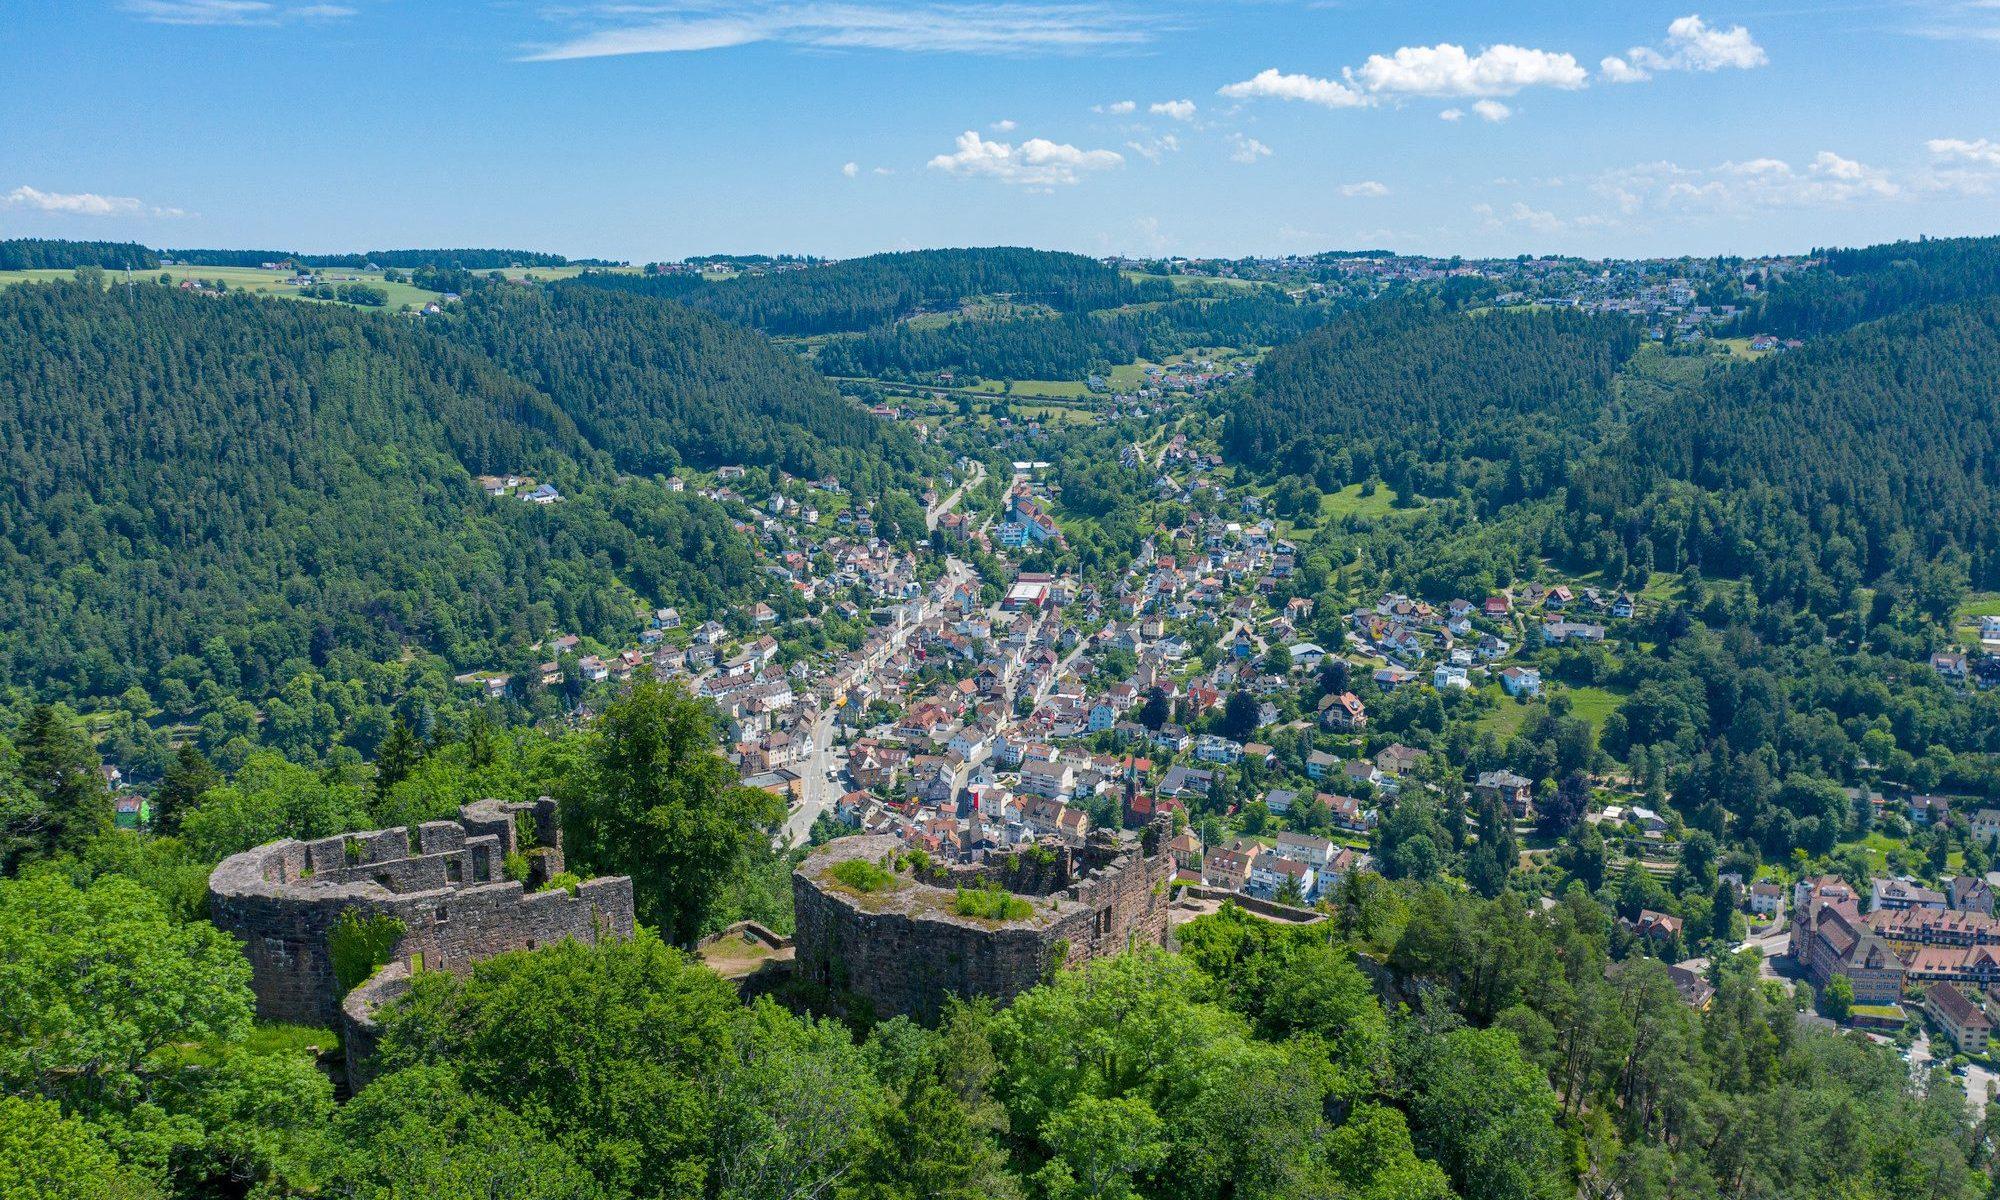 Foto von Burgruine Hohenschramberg - Blick auf die Schramberger Talstadt (Bildquelle: Stadt Schramberg)